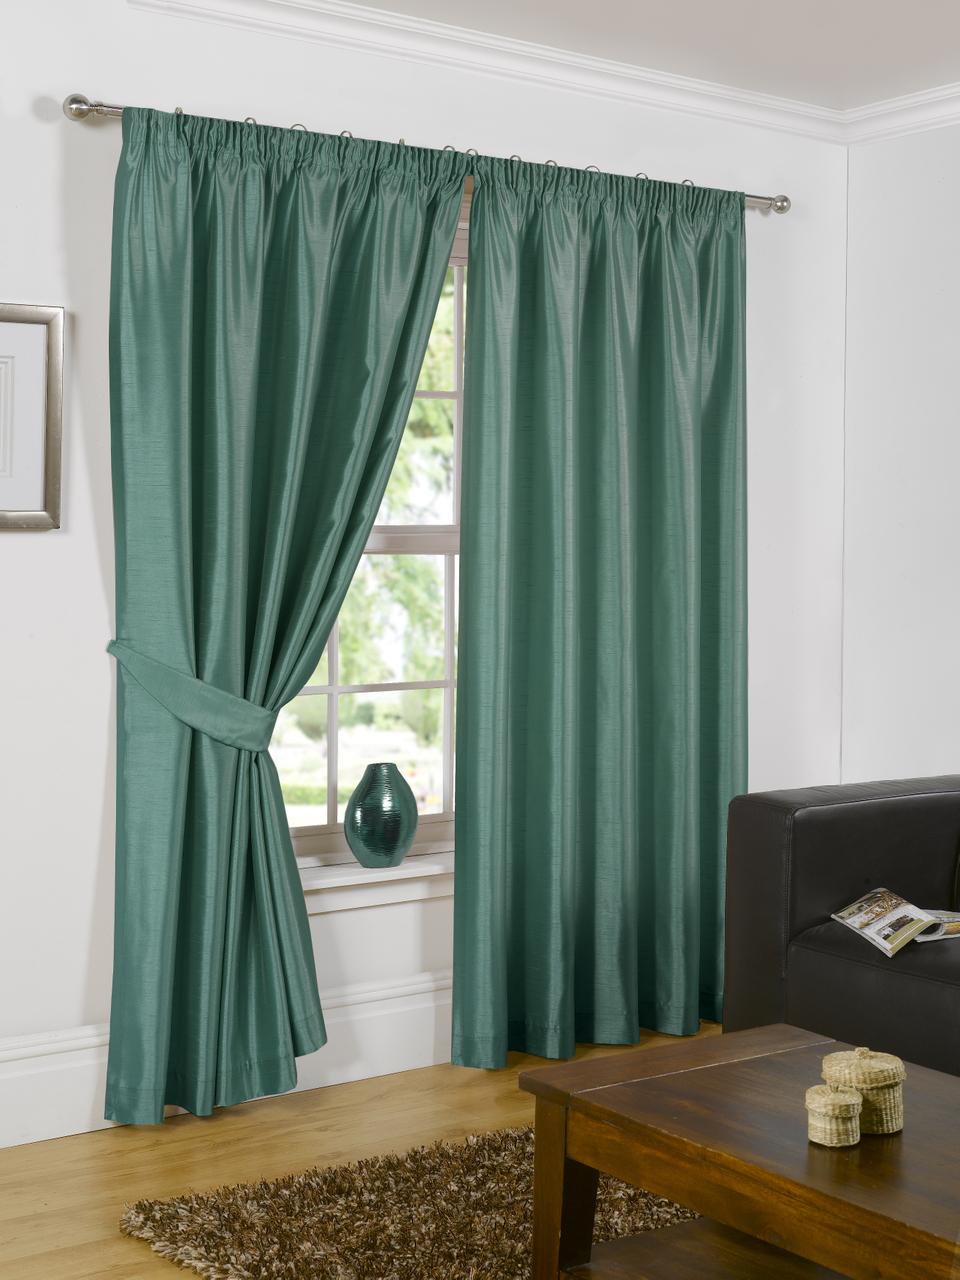 vorhang kunstseide luxus gebrauchsber futter oben band d nne falten raffhalter ebay. Black Bedroom Furniture Sets. Home Design Ideas